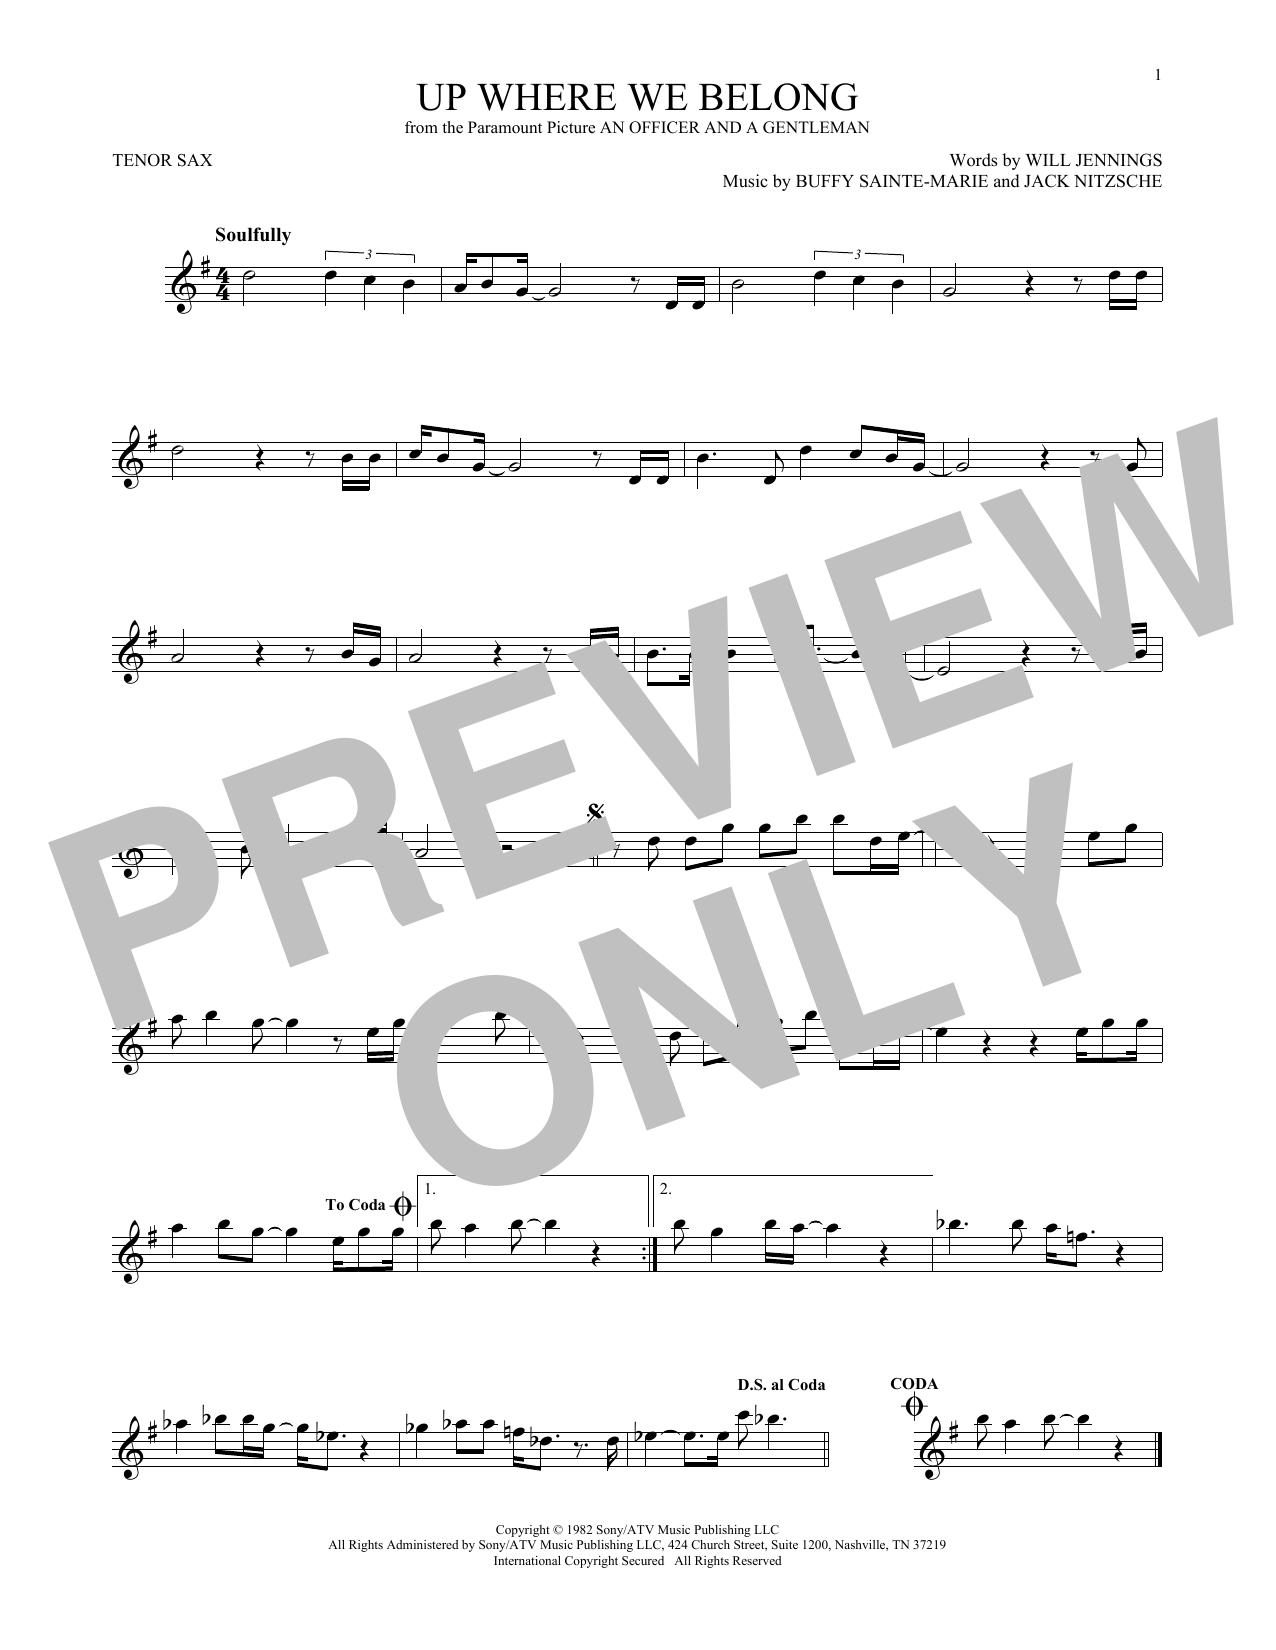 Partition saxophone Up Where We Belong (from An Officer And A Gentleman) de Joe Cocker and Jennifer Warnes - Sax Tenor